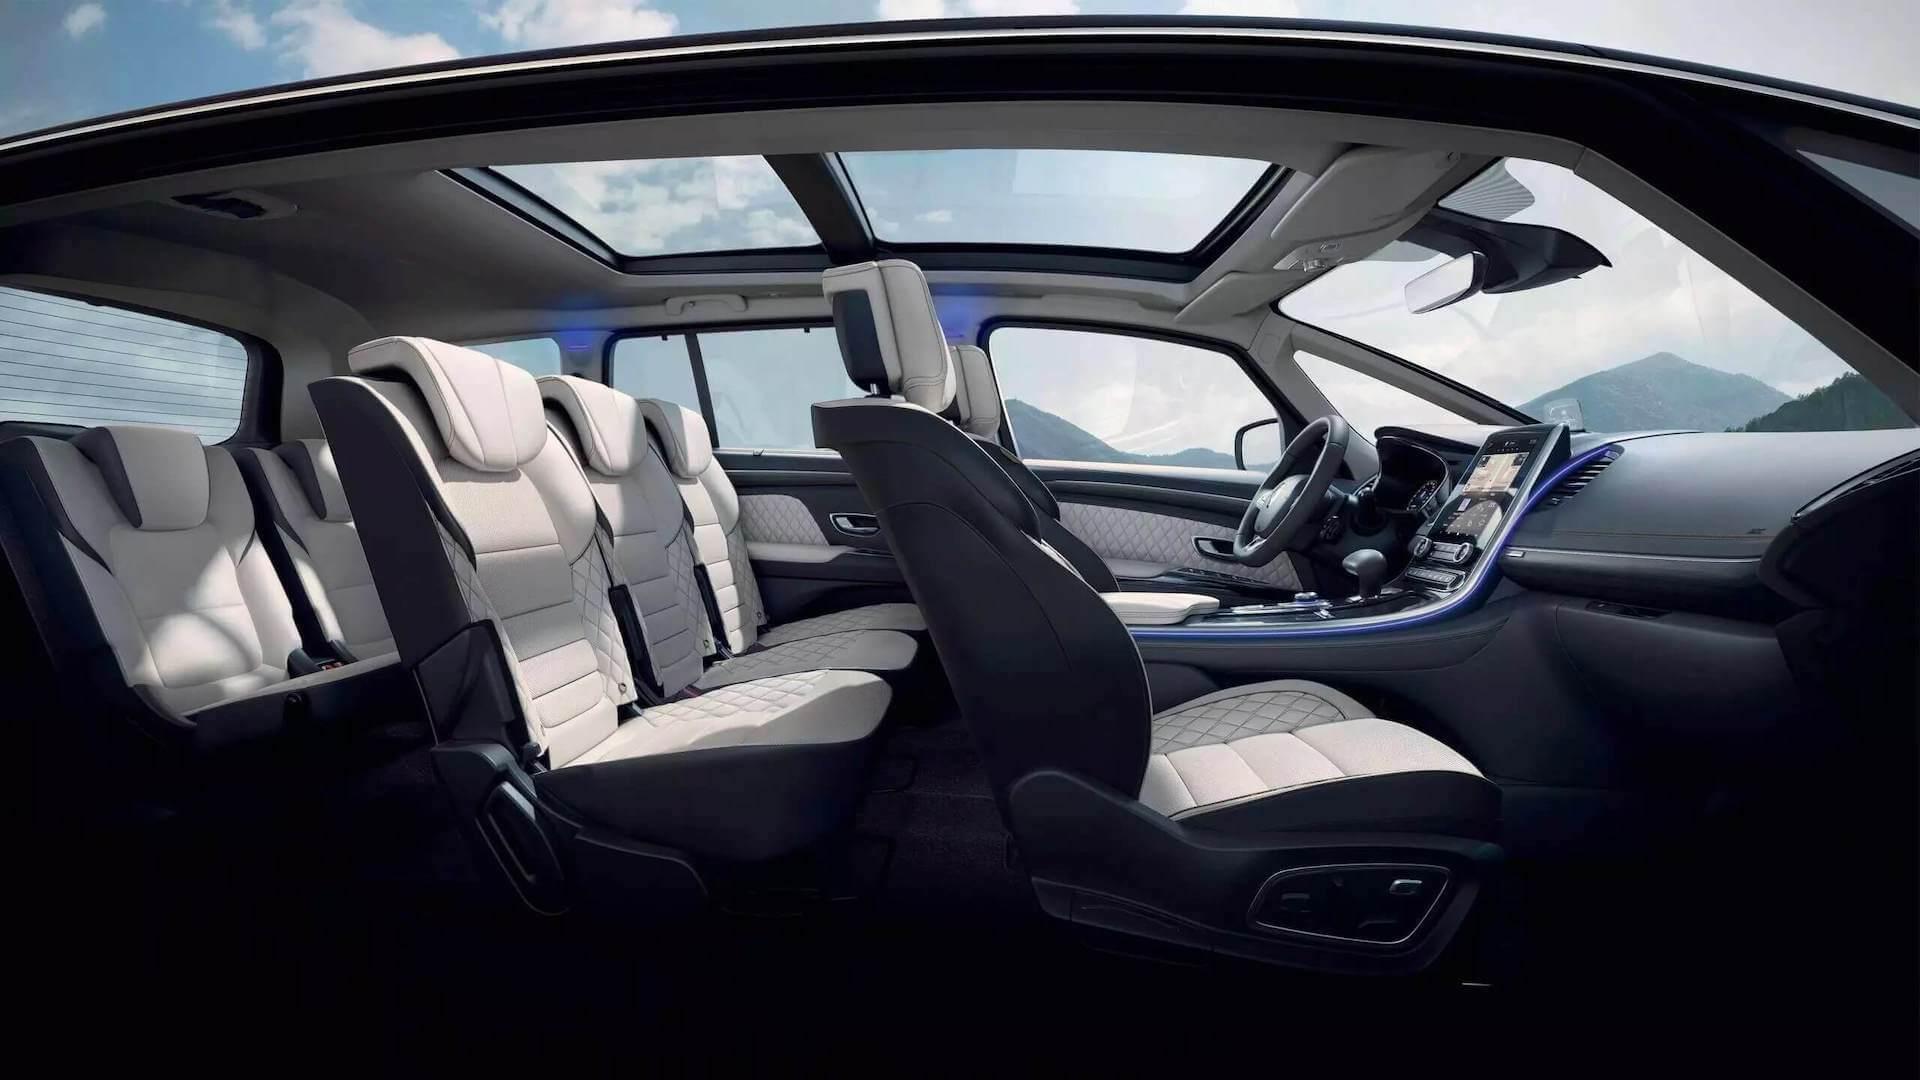 Fahrgastraum - Innenansicht vom Auto - Renault Espace - Renault Ahrens Hannover